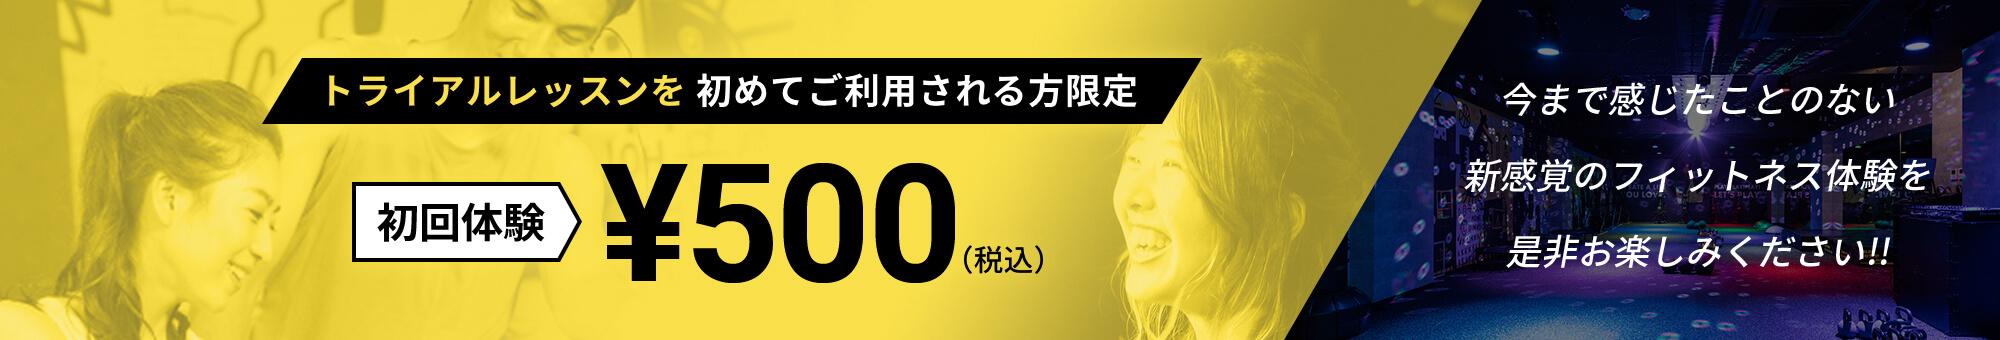 トライアルレッスンを始めてご利用される方限定 初回体験500円